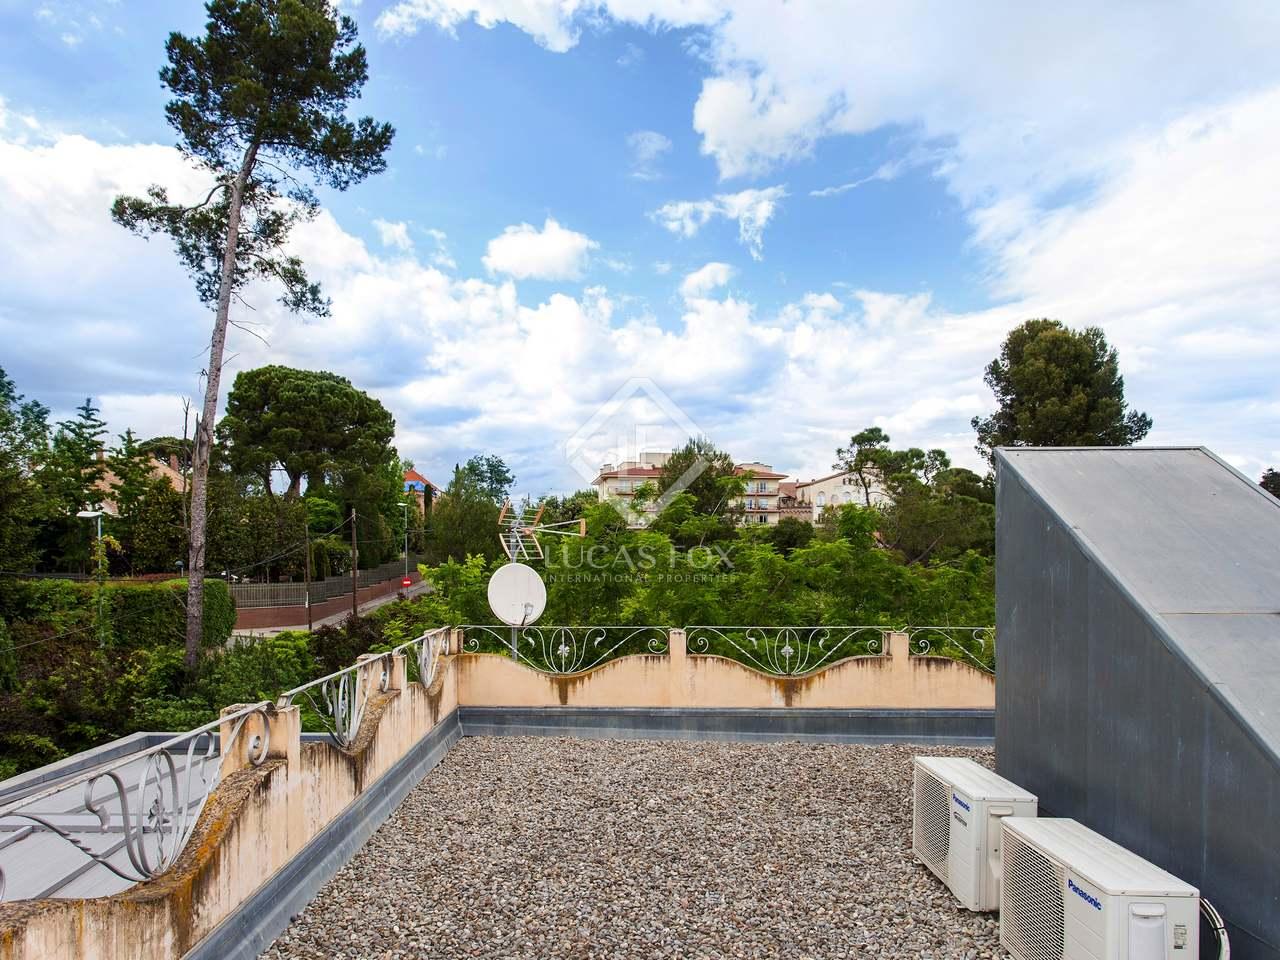 Casa unifamiliar en venta en valldoreix - Residencia jardins de valldoreix ...